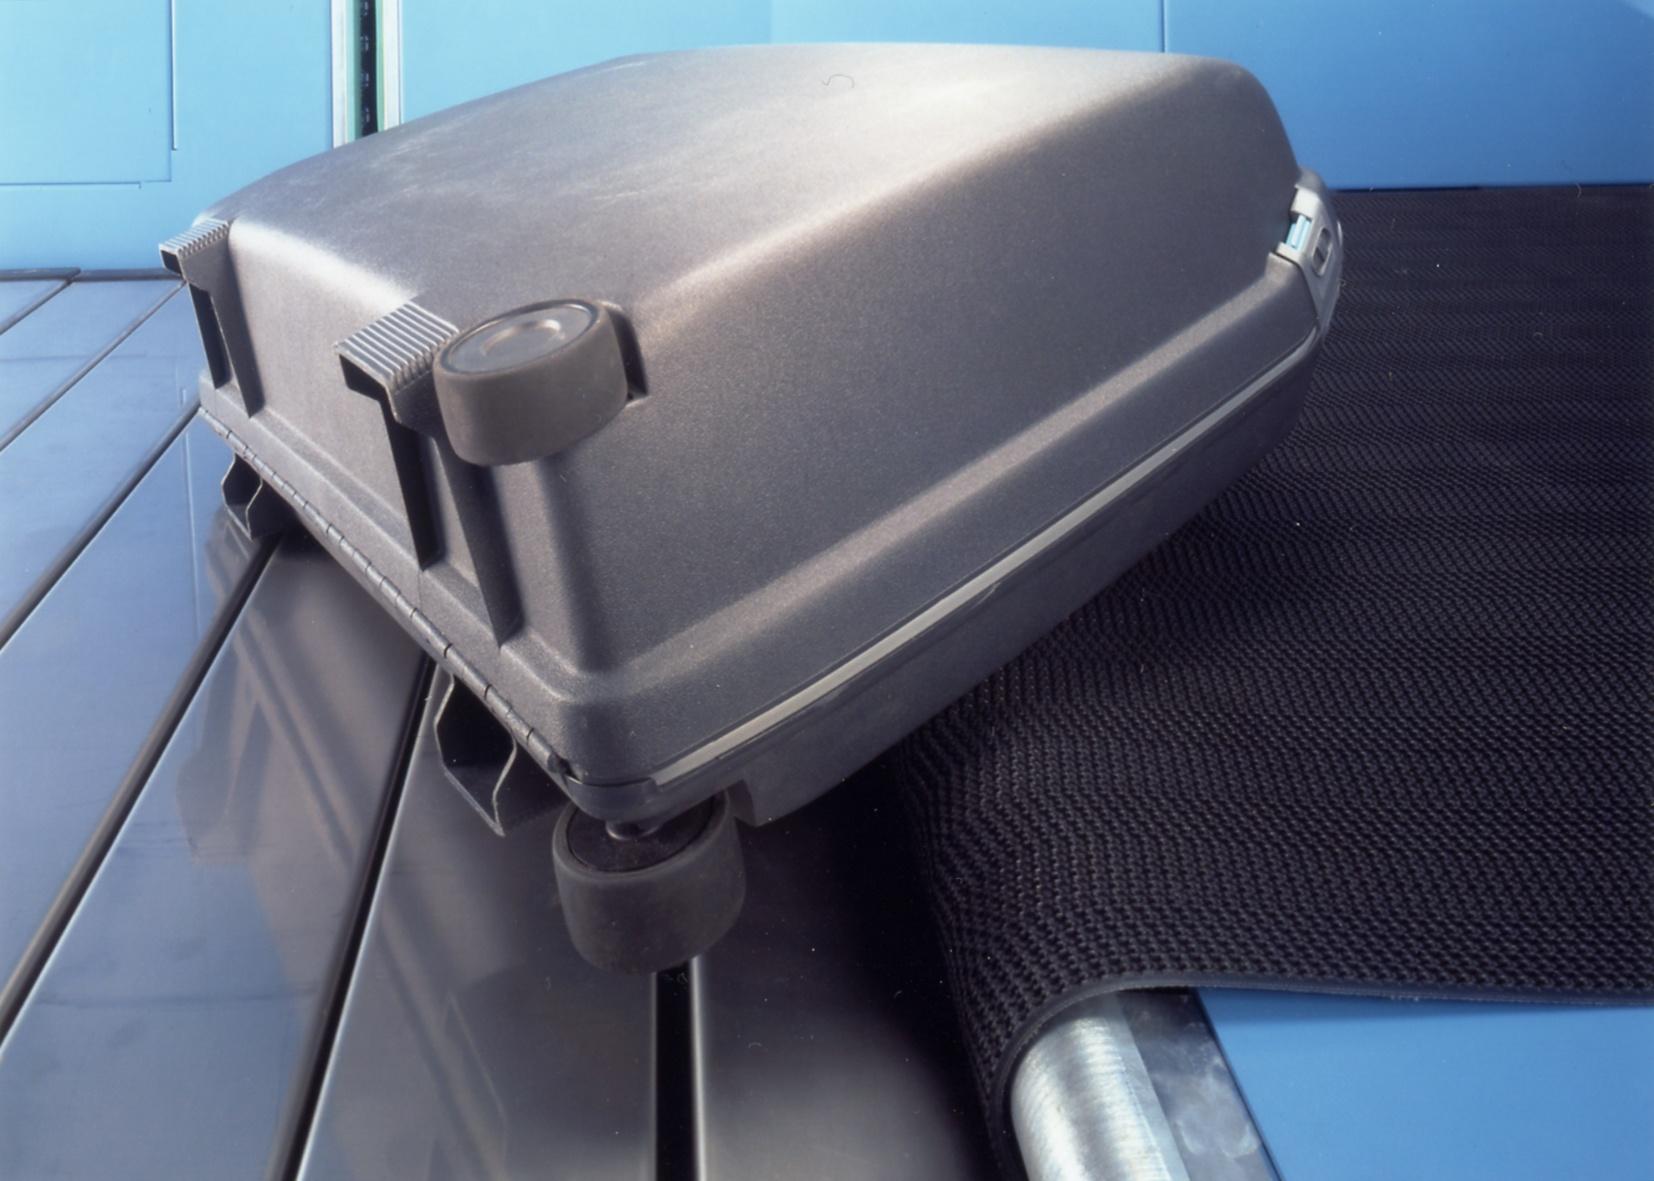 S-Conveyor Baggage Feed Suitcase.jpg